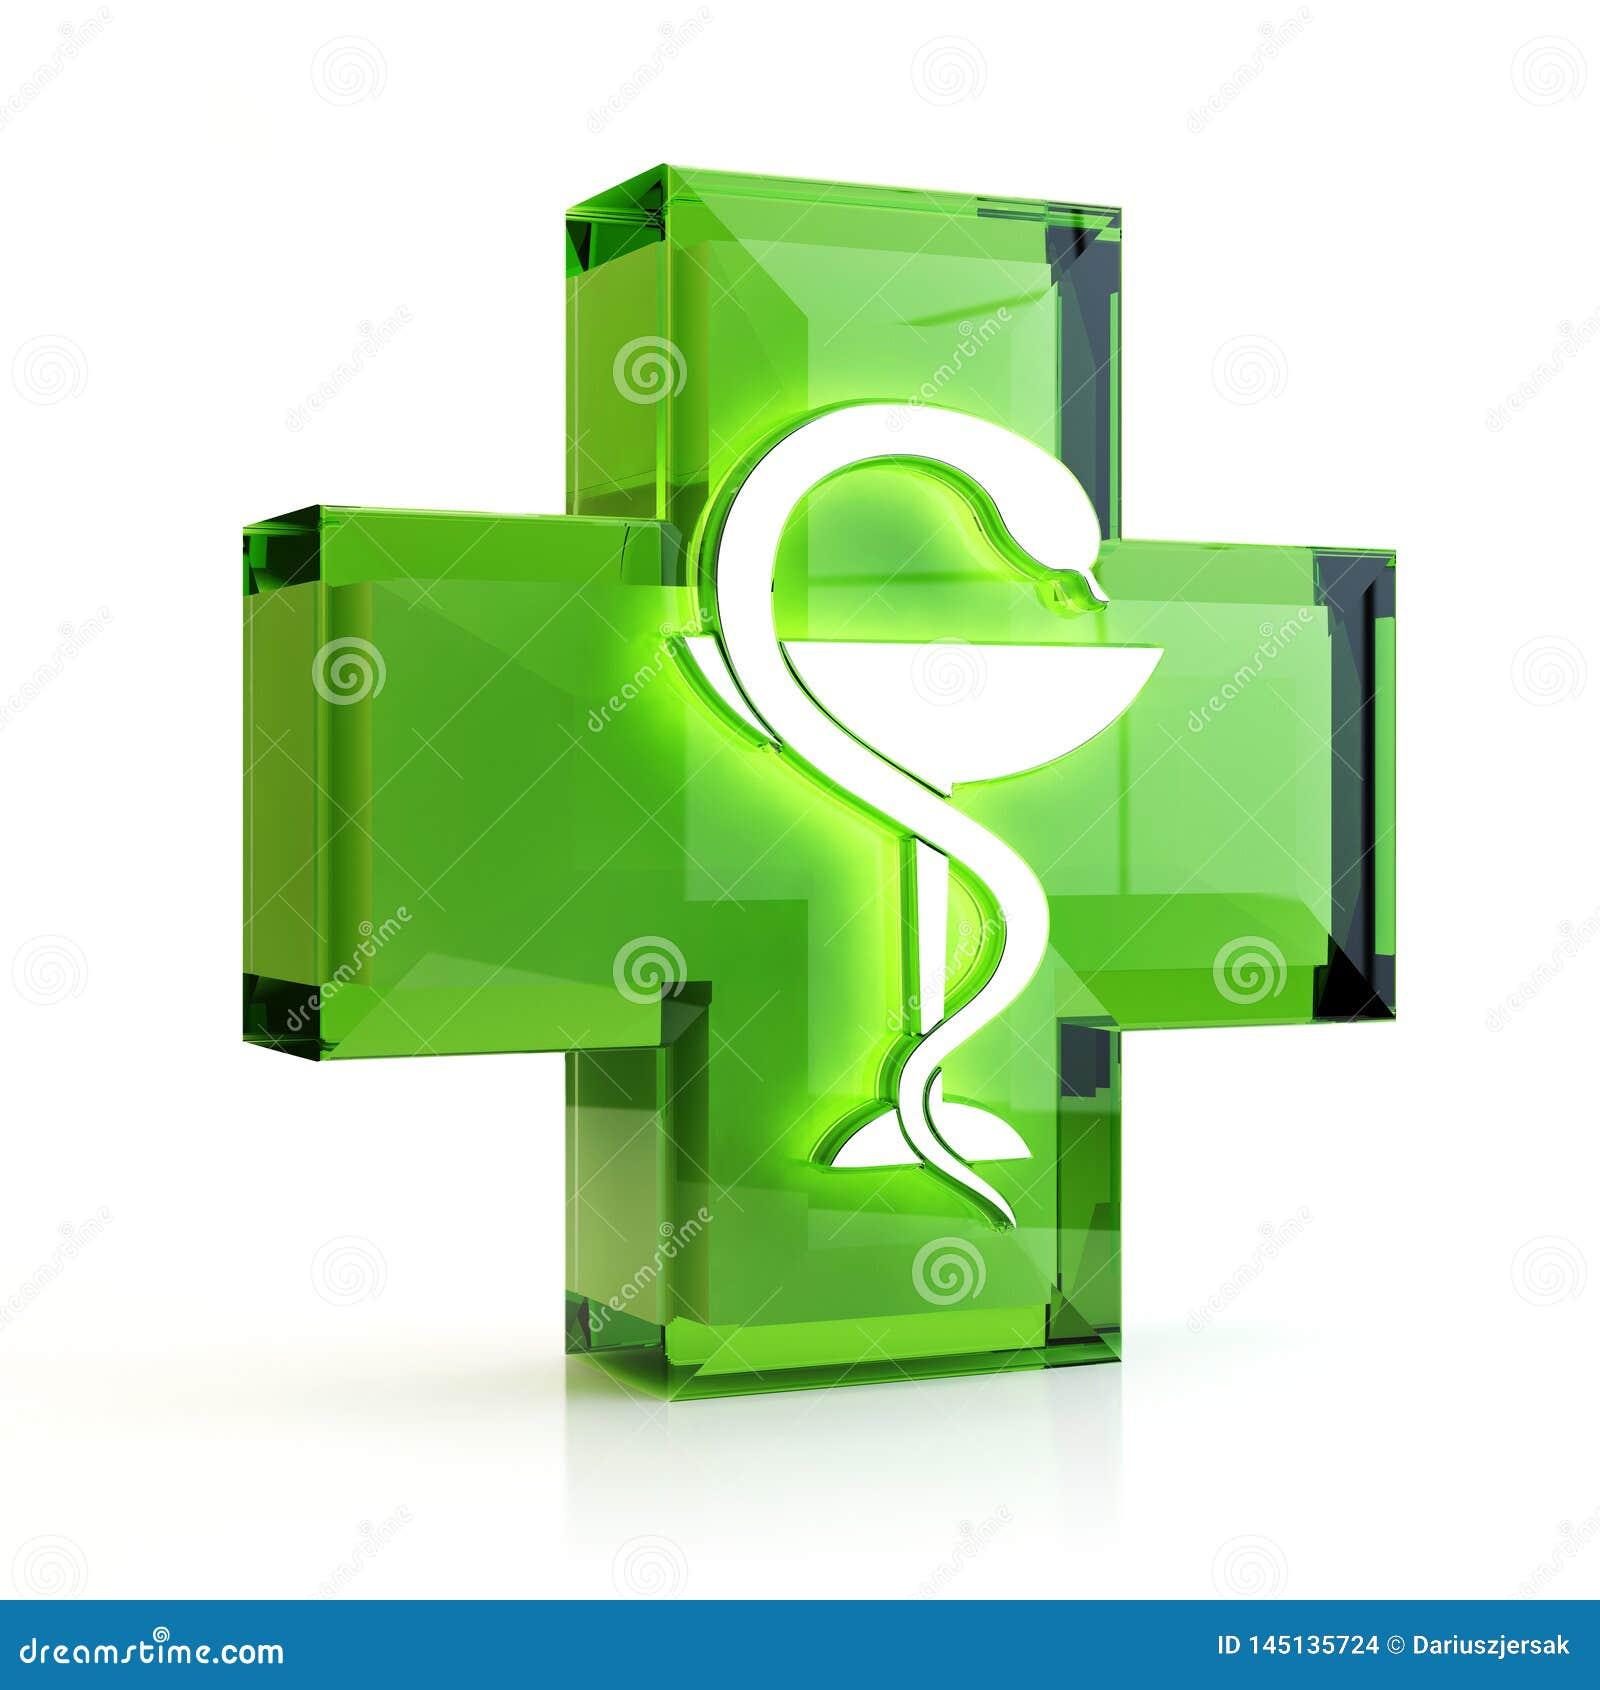 Крест и змейка, иллюстрация 3D